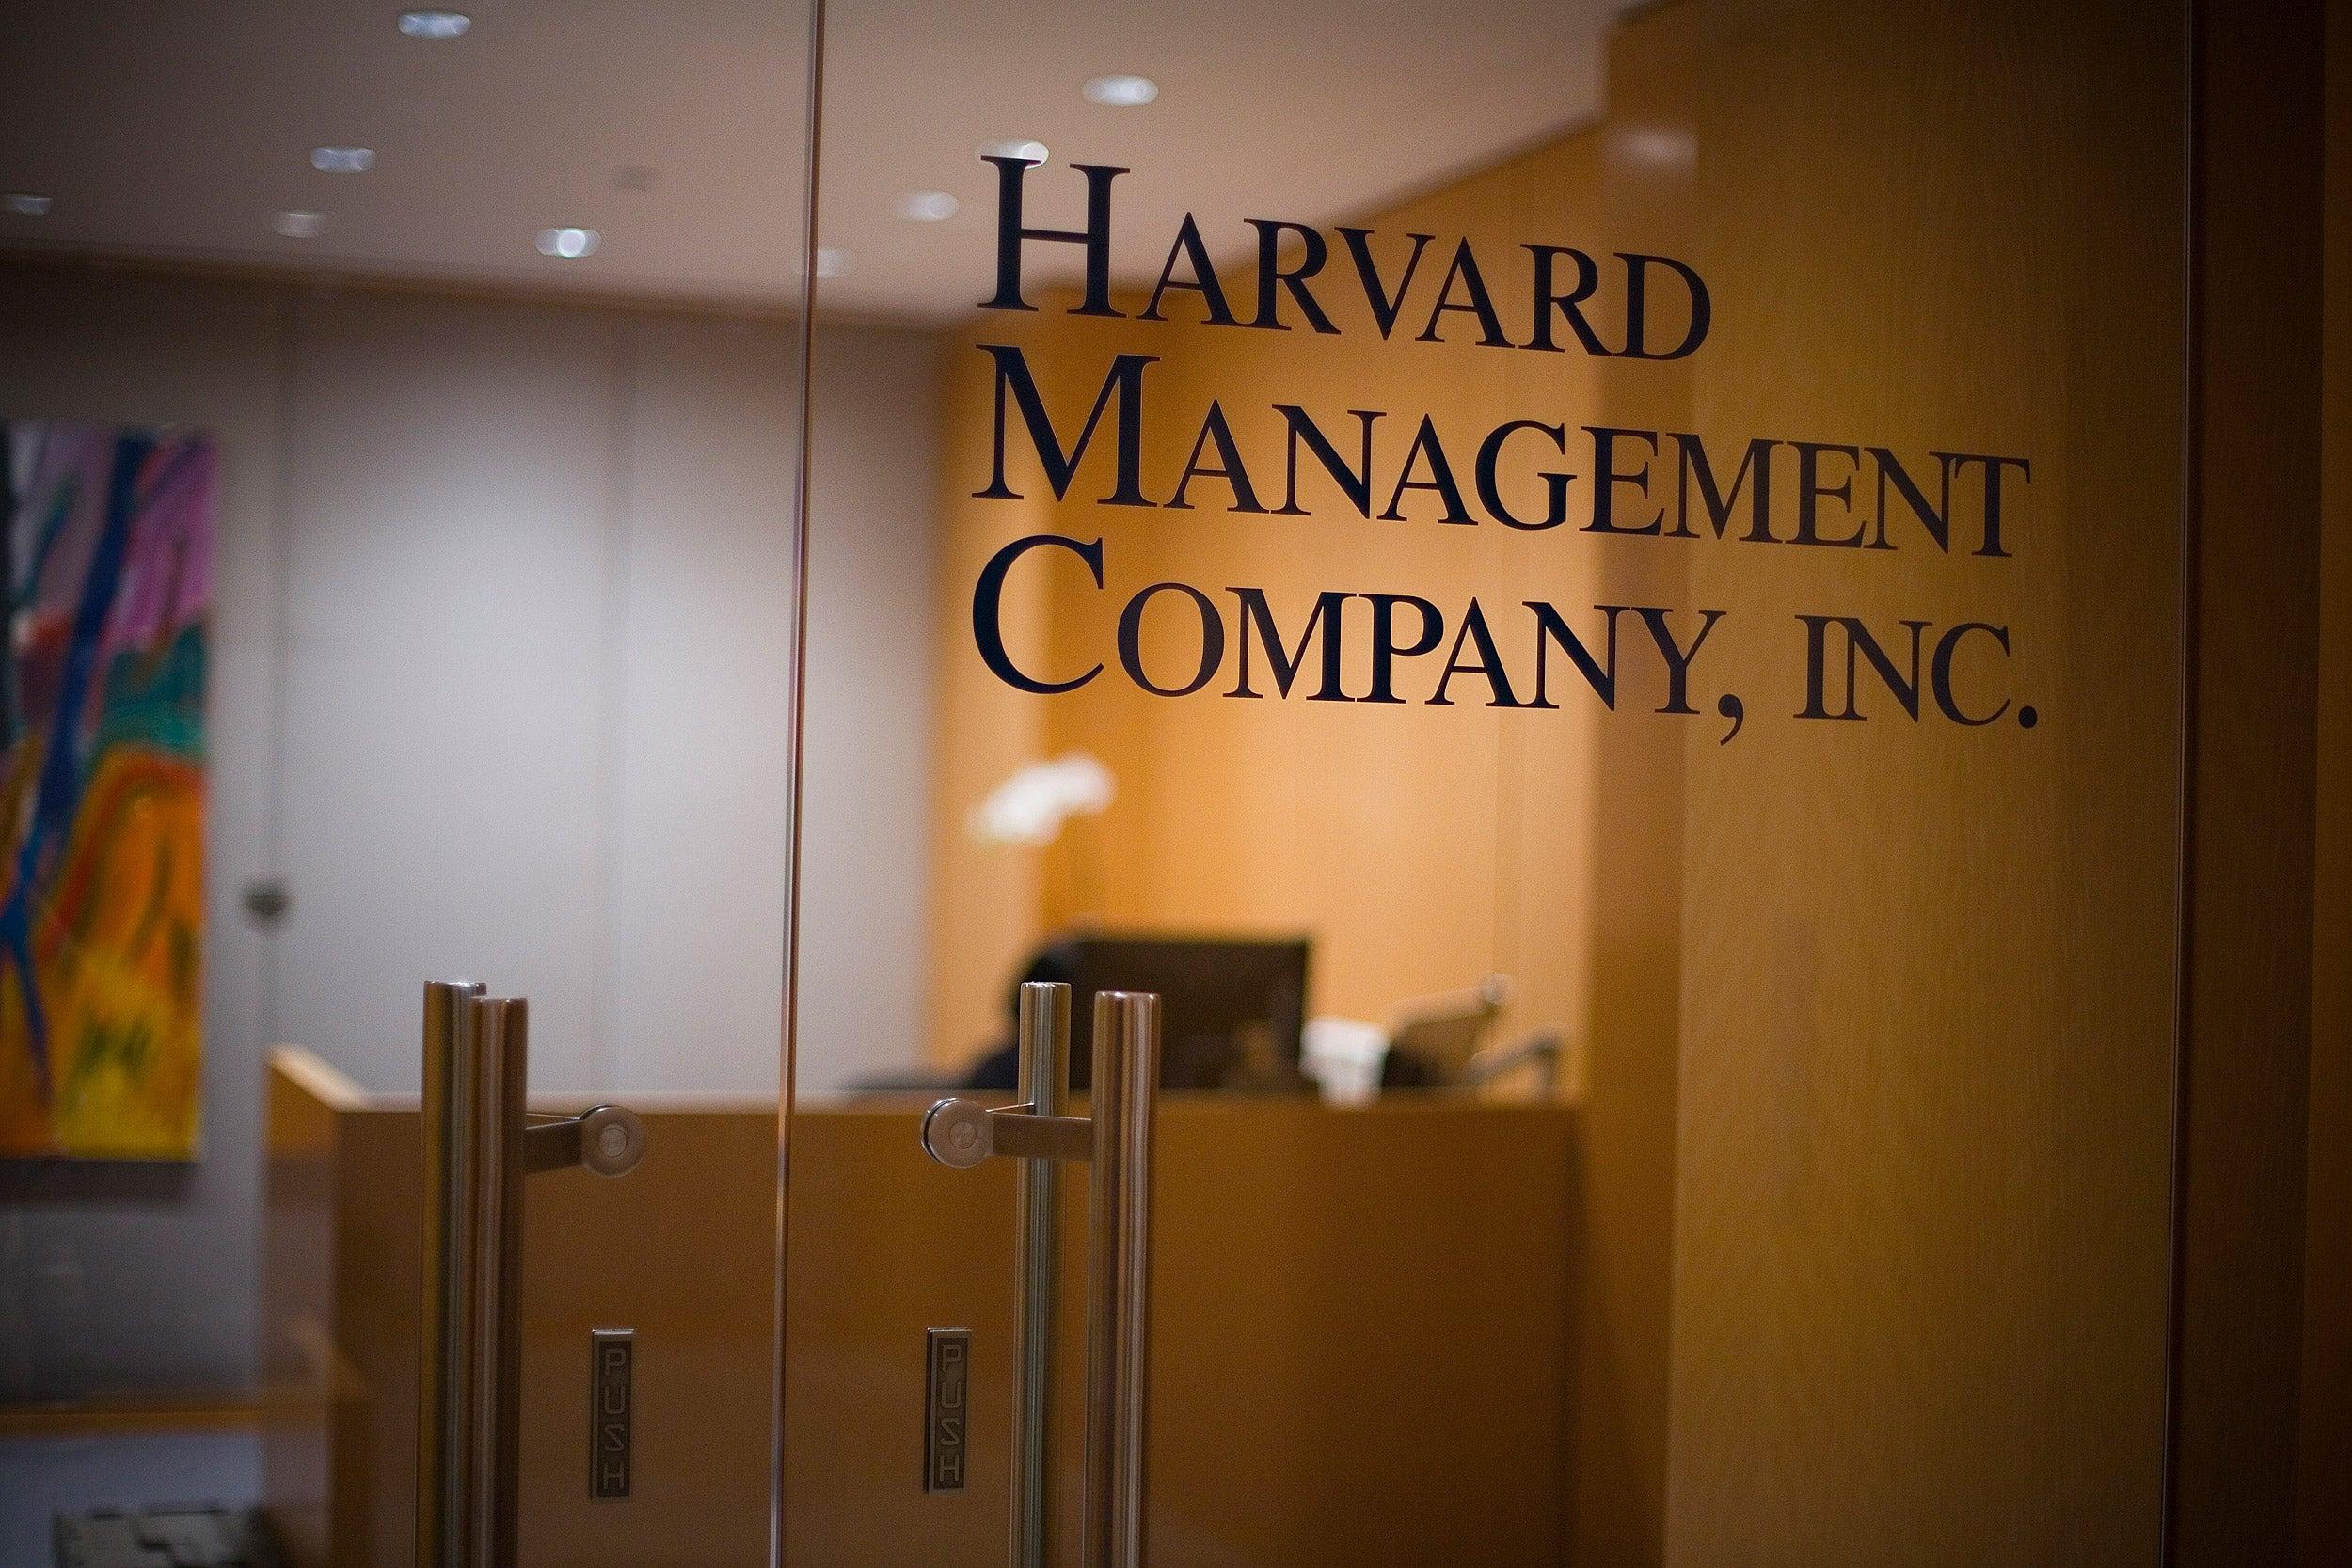 Harvard Management Company door